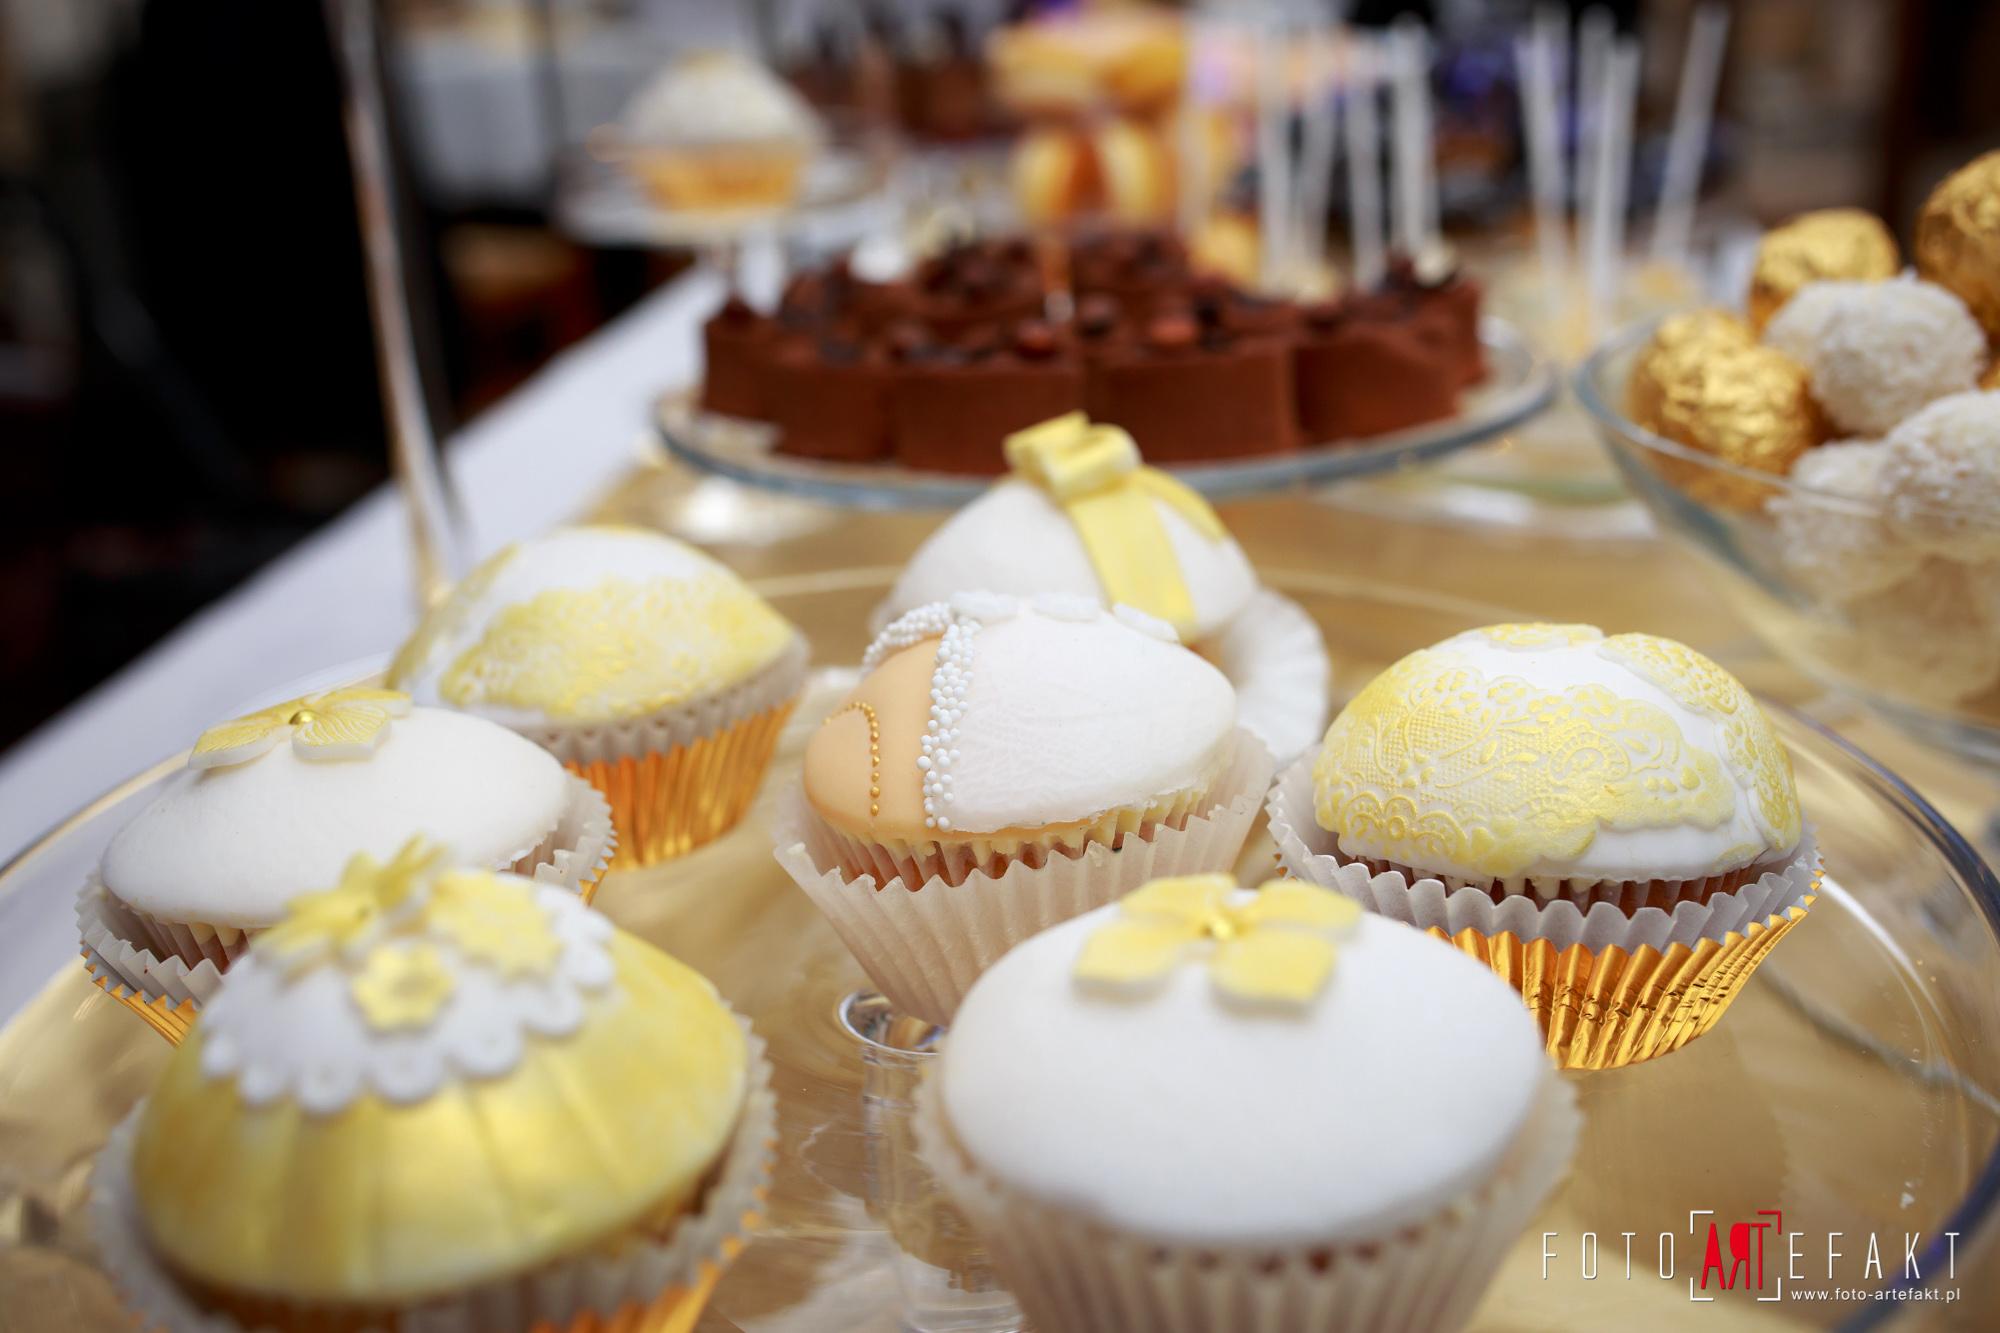 Słodki Kącik złoto, słodki stół, słodki bufet, candy bar, tort weselny, ciasto wesele, ślub, pavlova, ciasteczka, słodycze, lizaki, buteleczki, cakepop, cupcake,  rafaello (12)